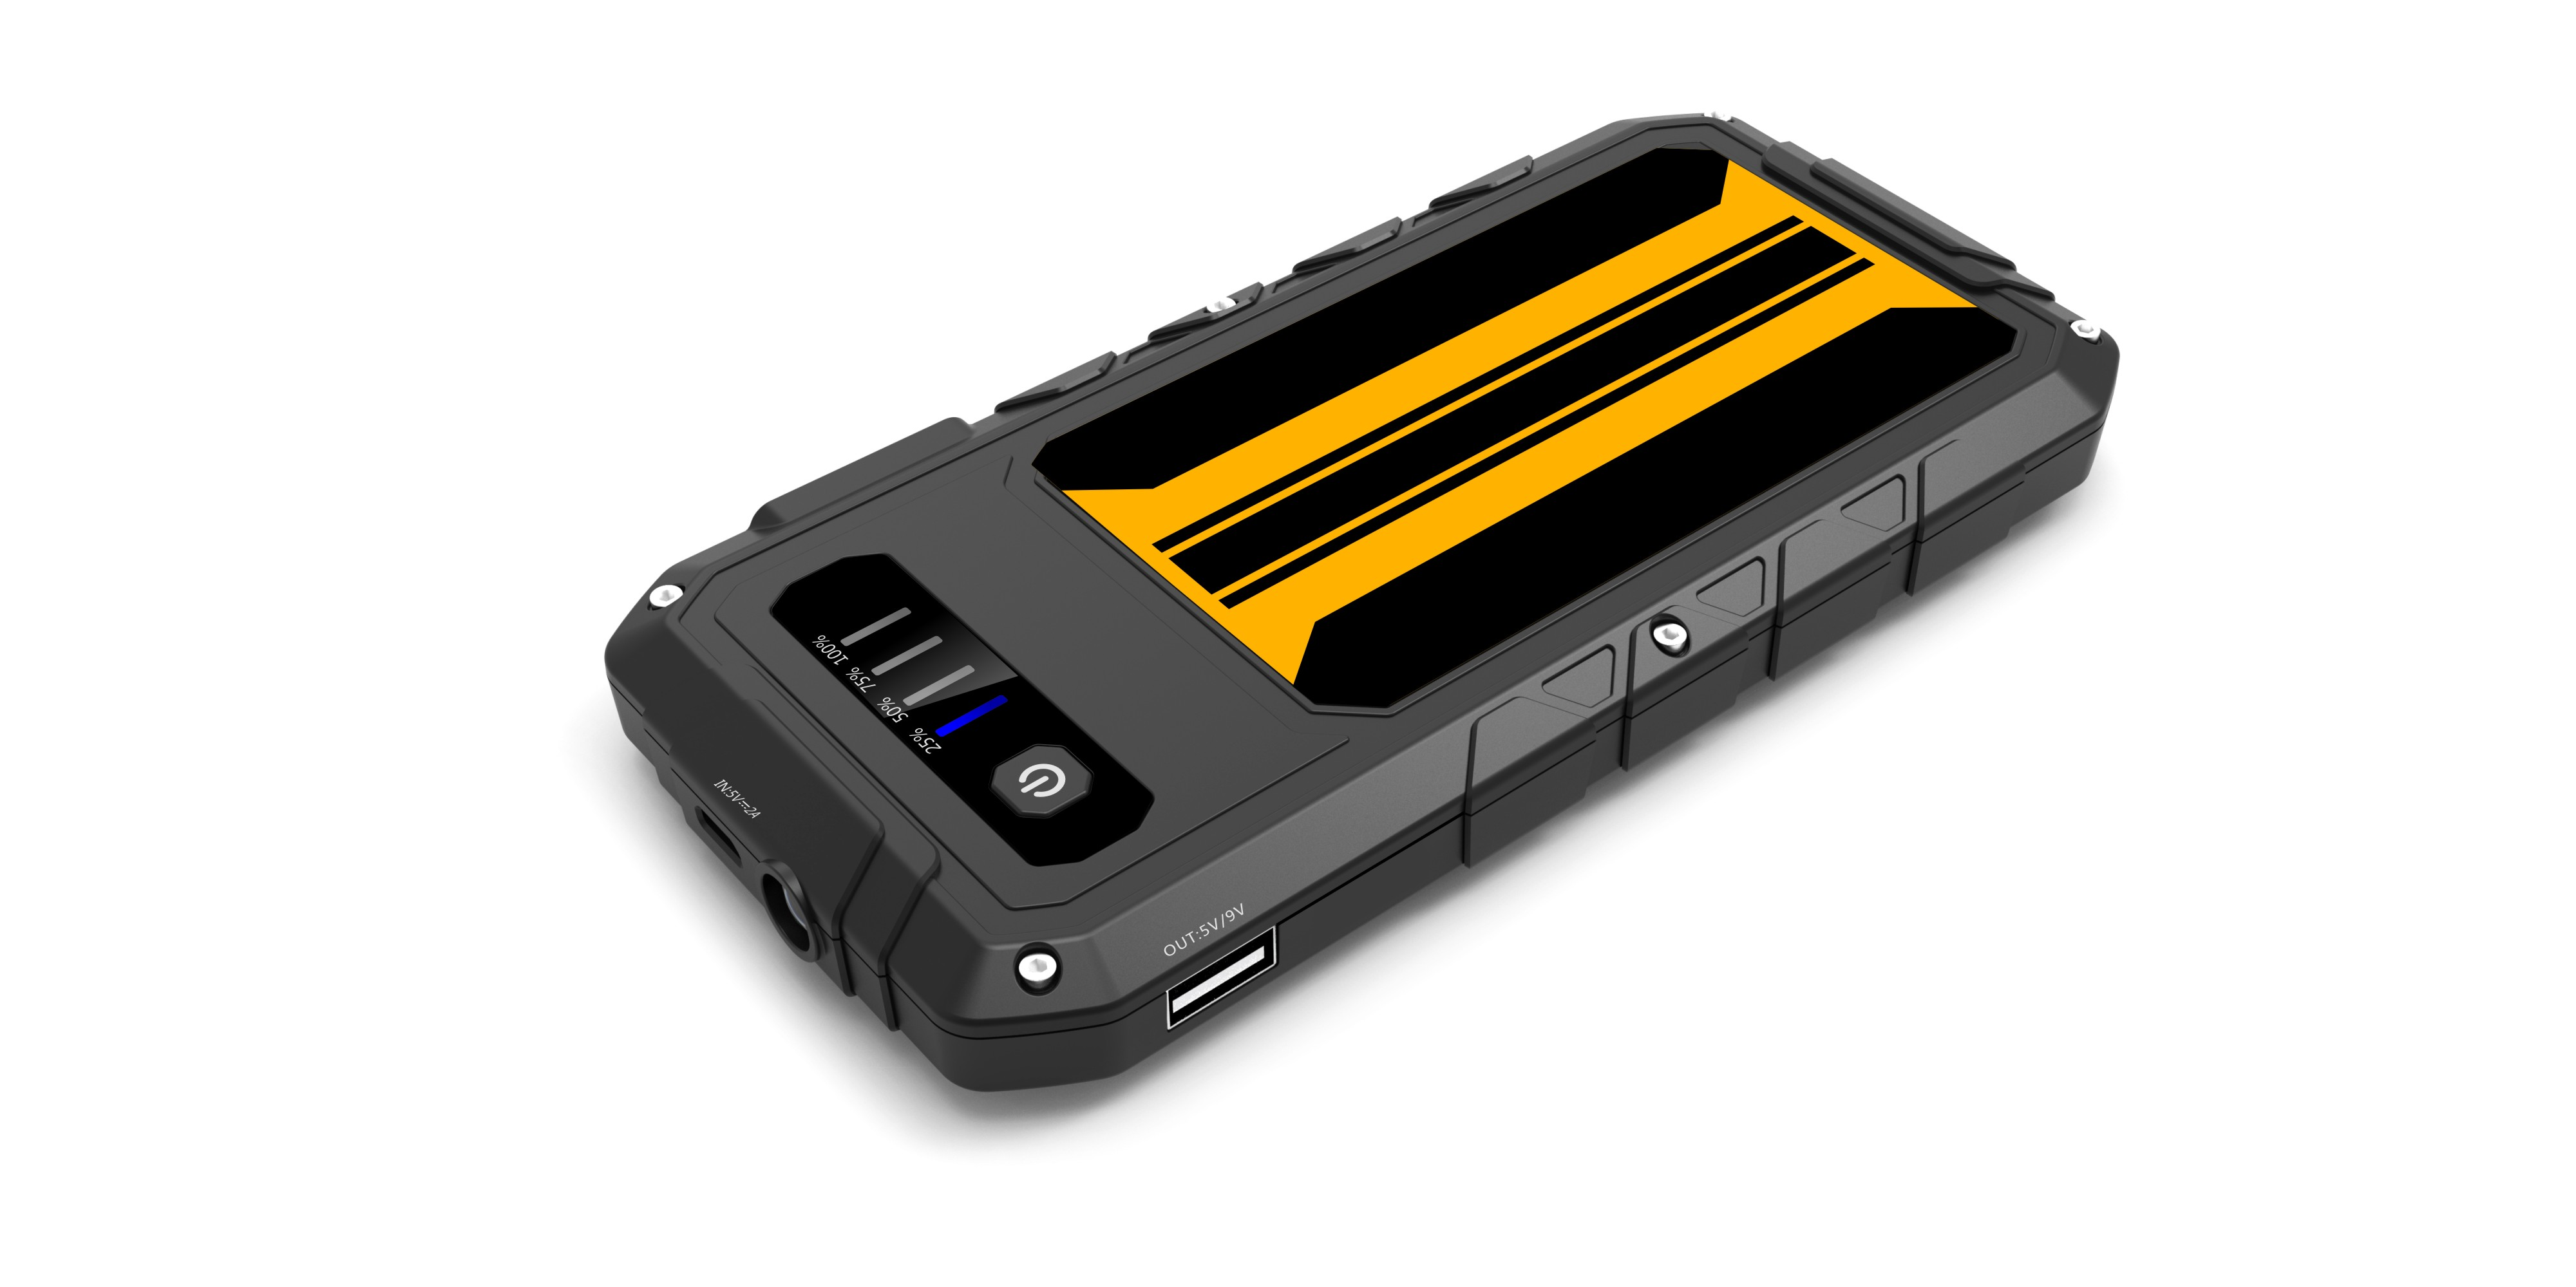 Banco do poder do acionador de partida do carro de CARKU 9000mAh 12V para carregar o telemóvel com carga rápida dupla